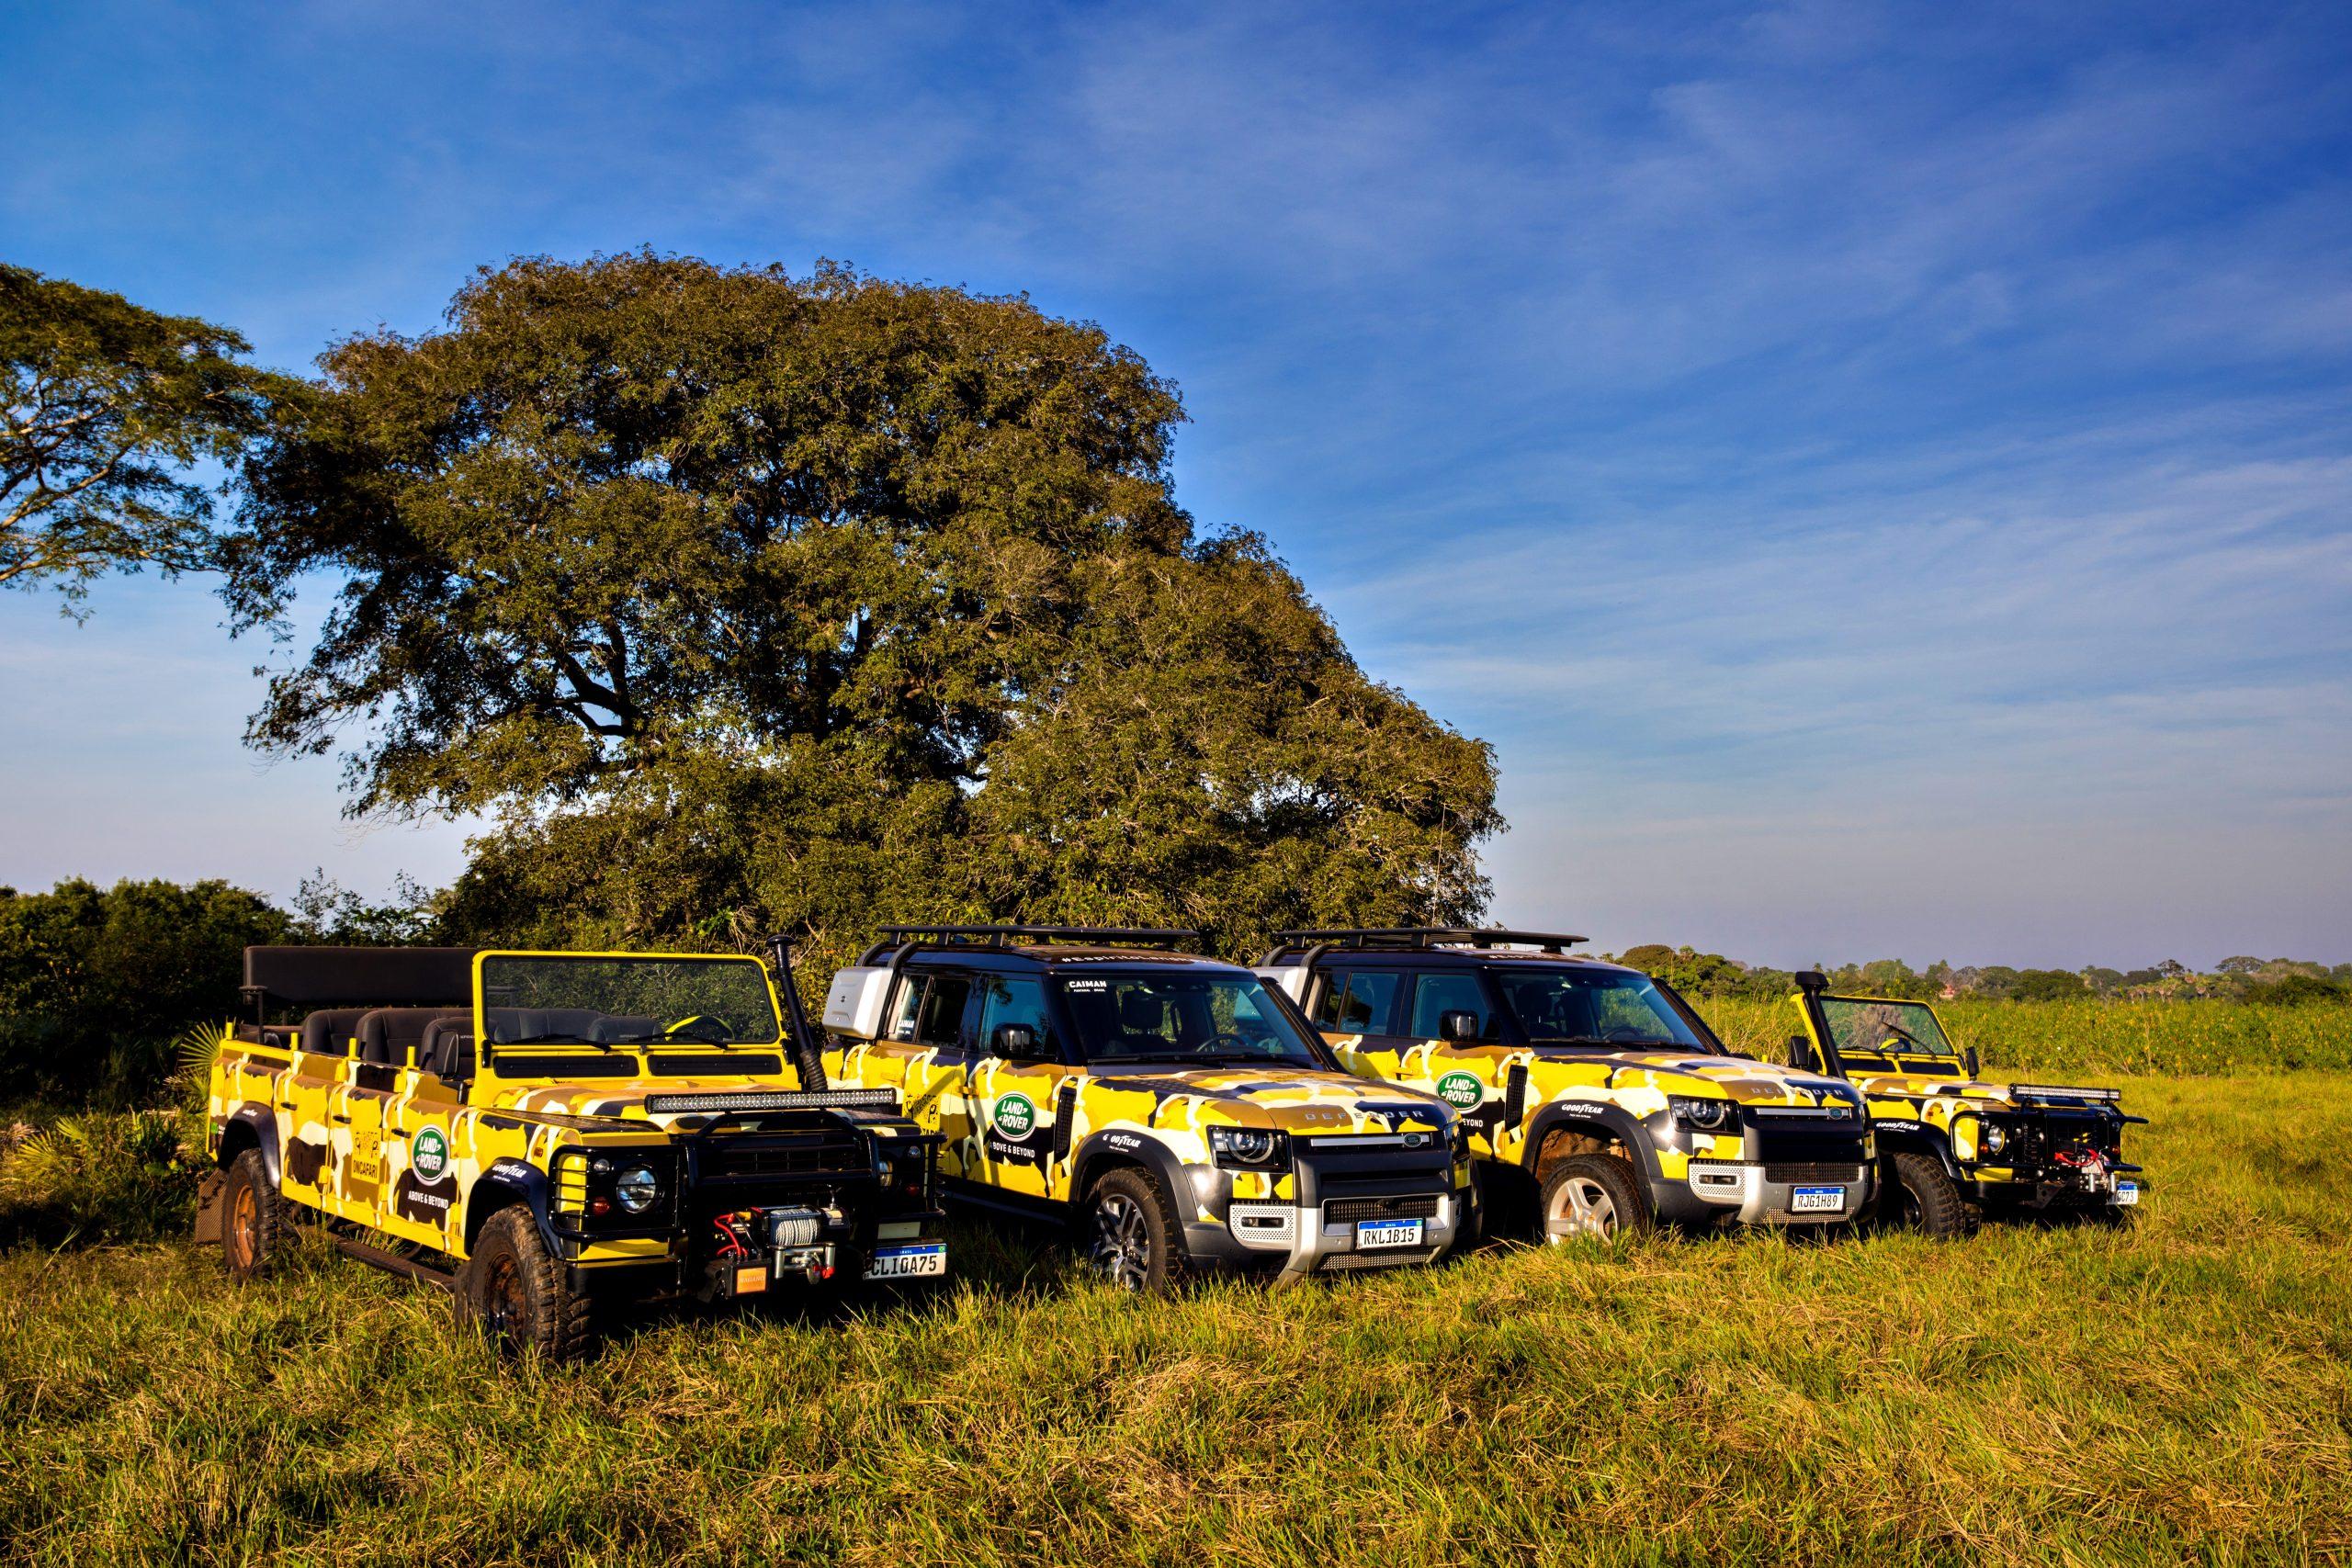 Carros da Land Rover são usados em projeto ambiental; veja os detalhes